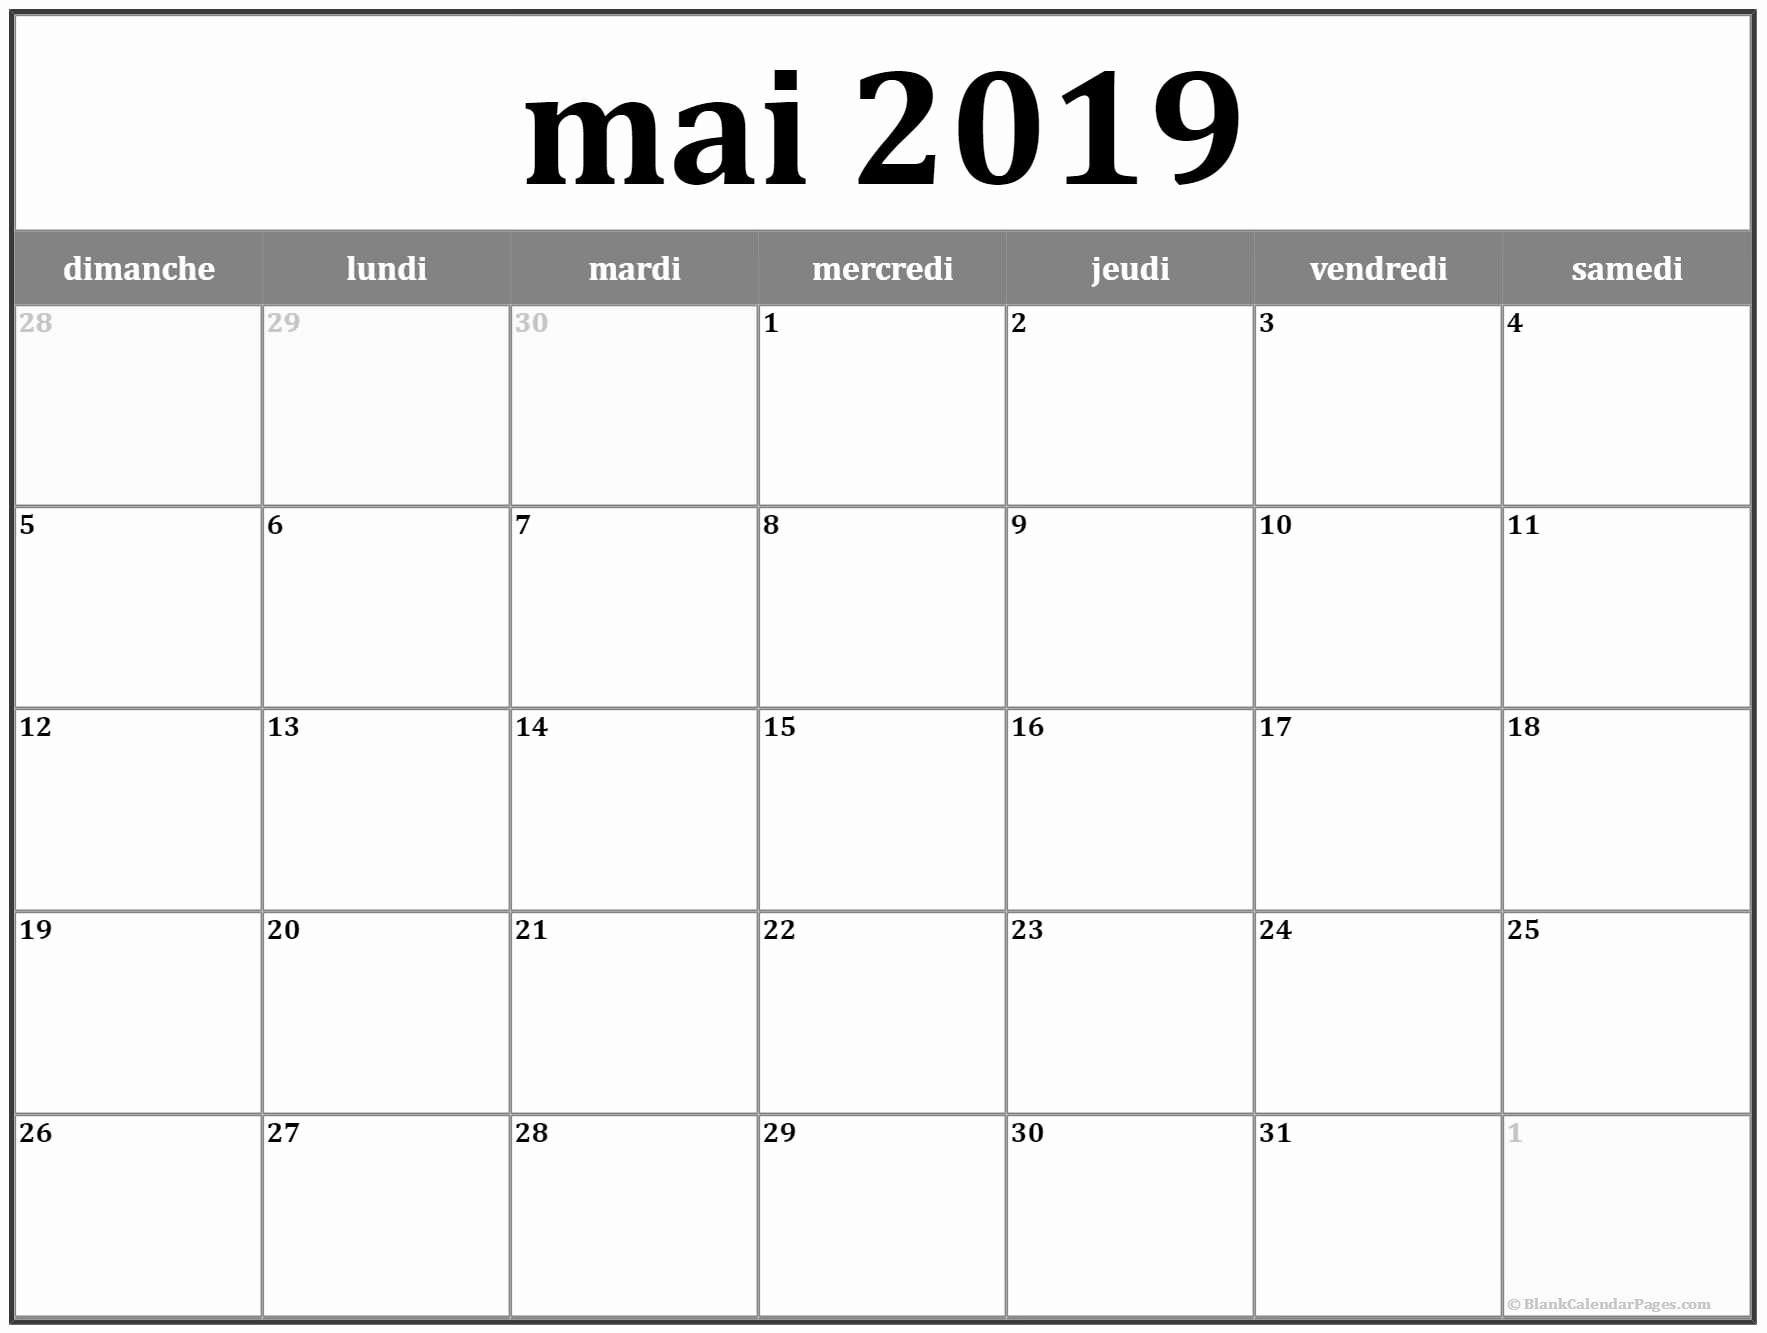 Calendrier Mai2019.Calendrier Mai 2019 A Imprimer Mai Mai2019